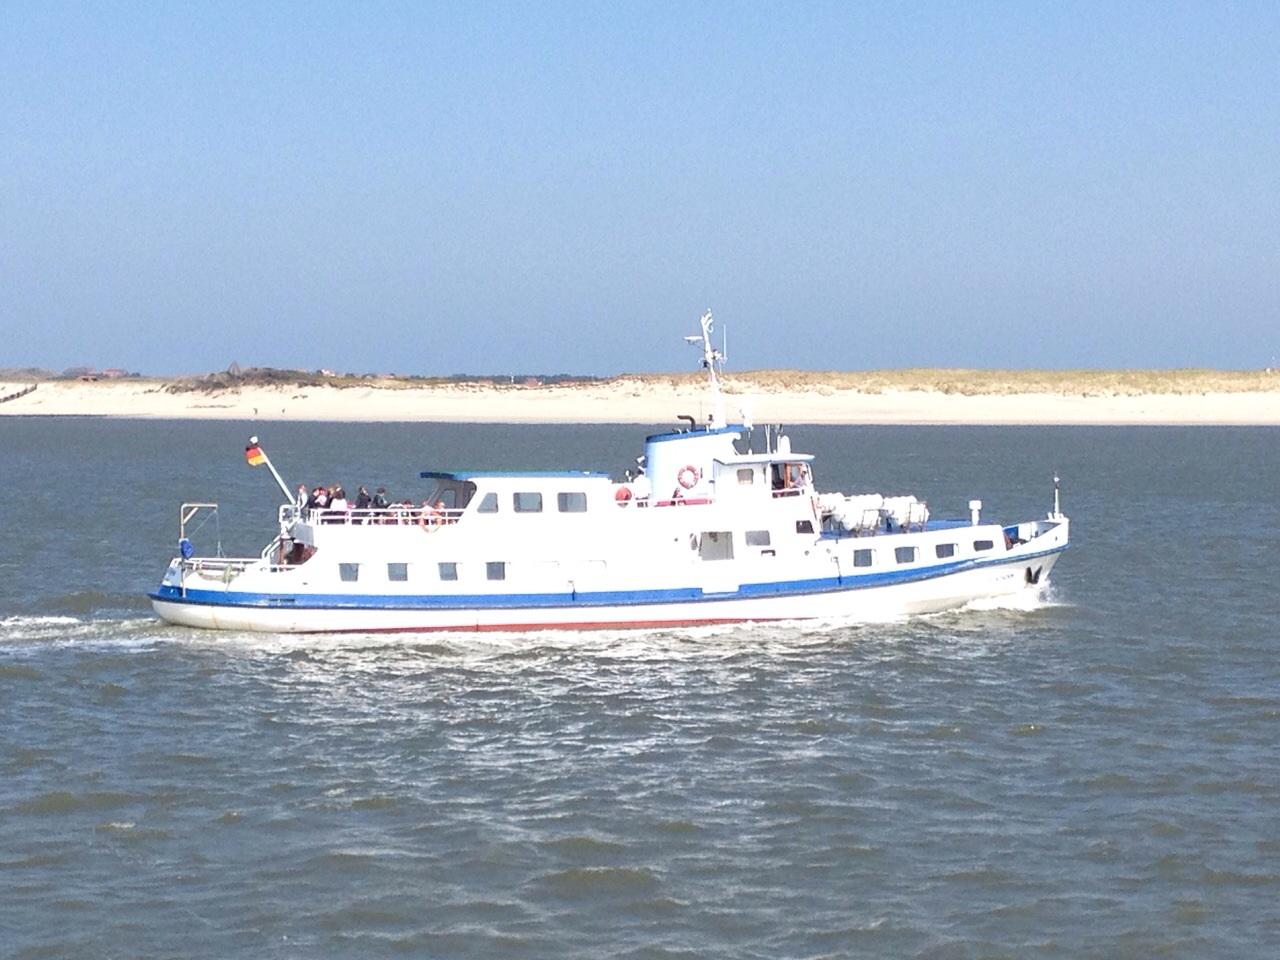 Langeoog Schiffsausflug